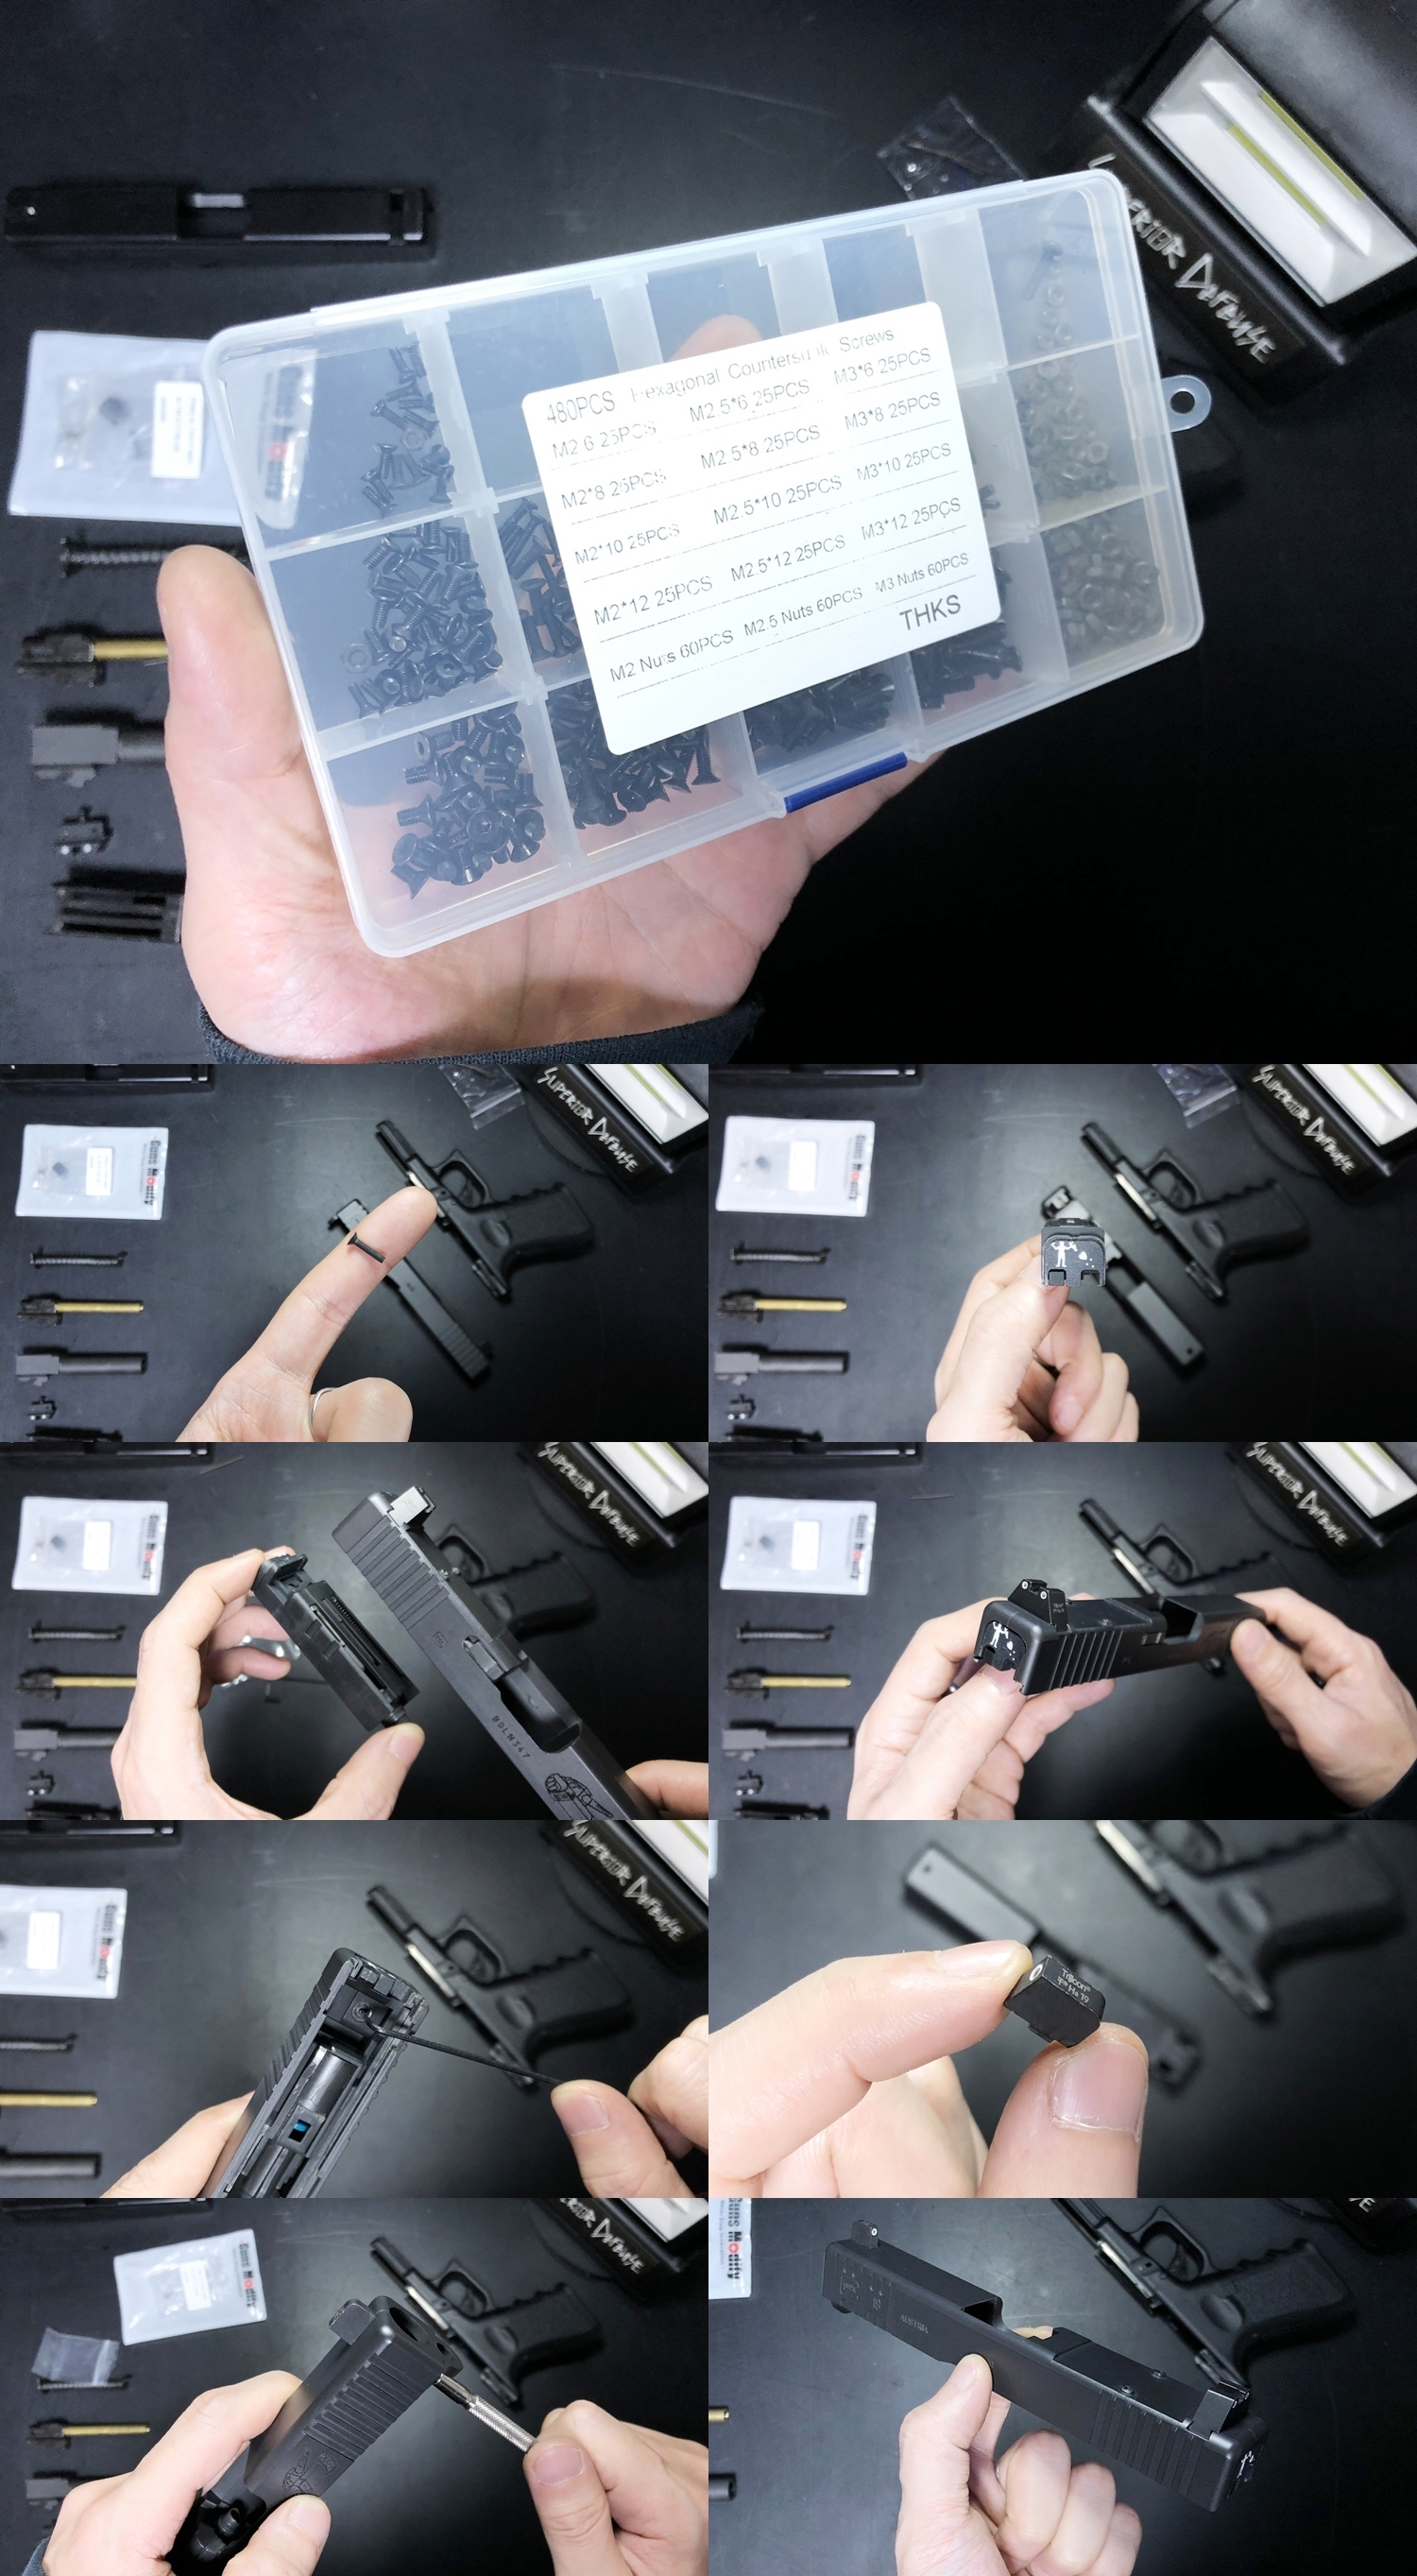 17 KJ WORKS GLOCK19 GBB SUPDEF G19 スライドカスタム SUPDEF G19 フロントセレーション RMRスライド PRIVATEER GROUP バックプレート HILOG KKM COMPENSATOR PROXXON MF70 マイクロフライス盤 卓上フライス 開封 D